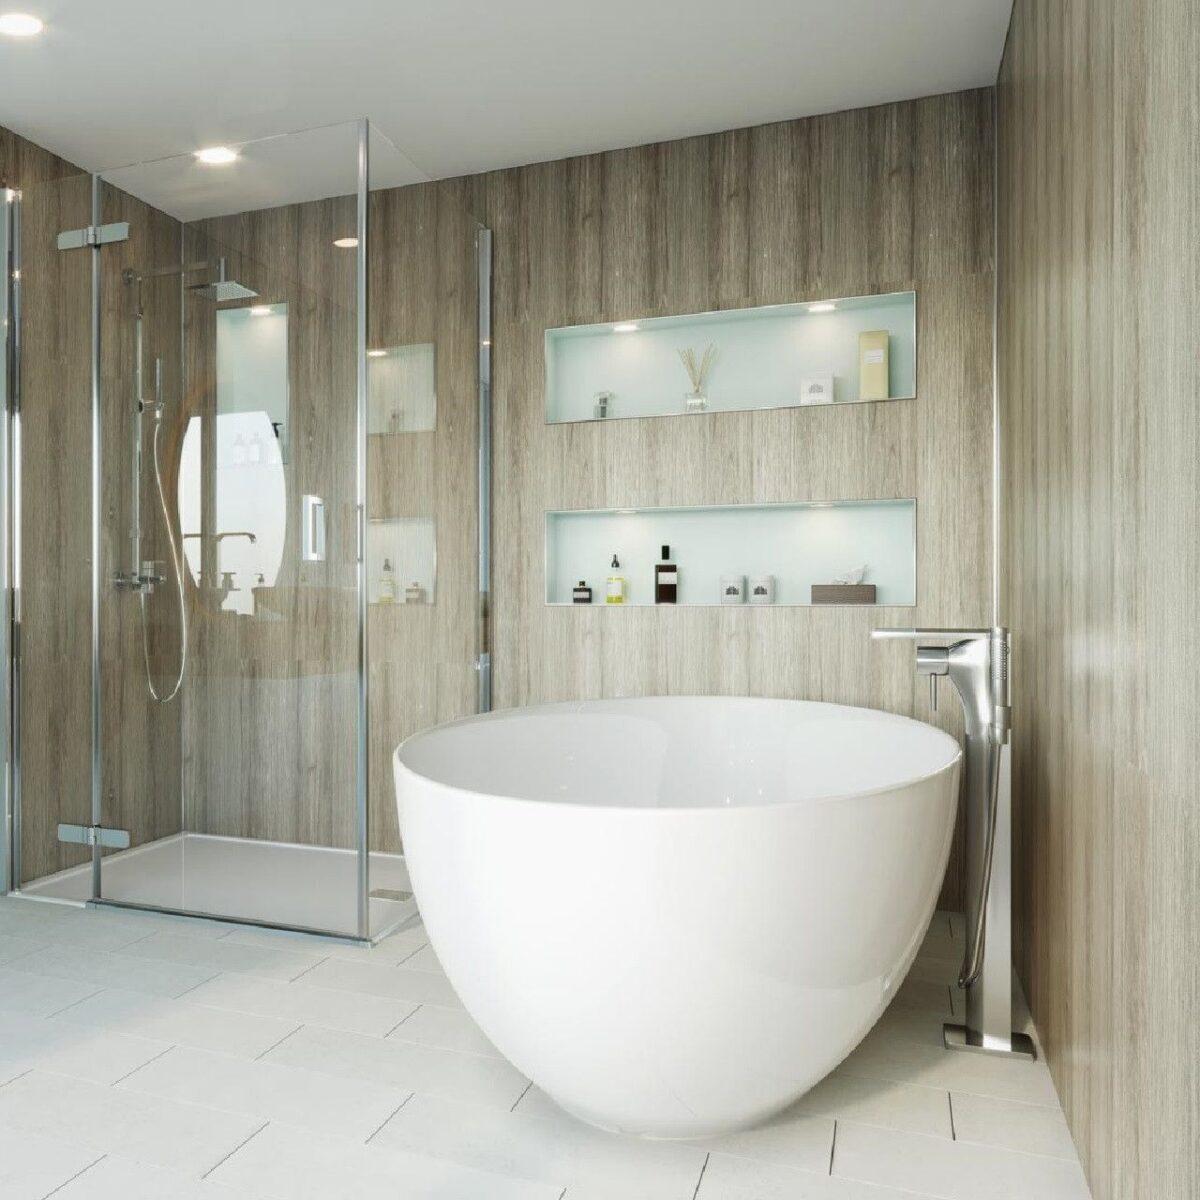 Boiserie-contemporanee-5-modi-chic-e-3-consigli-per-rivestire-pareti-e-soffitti01